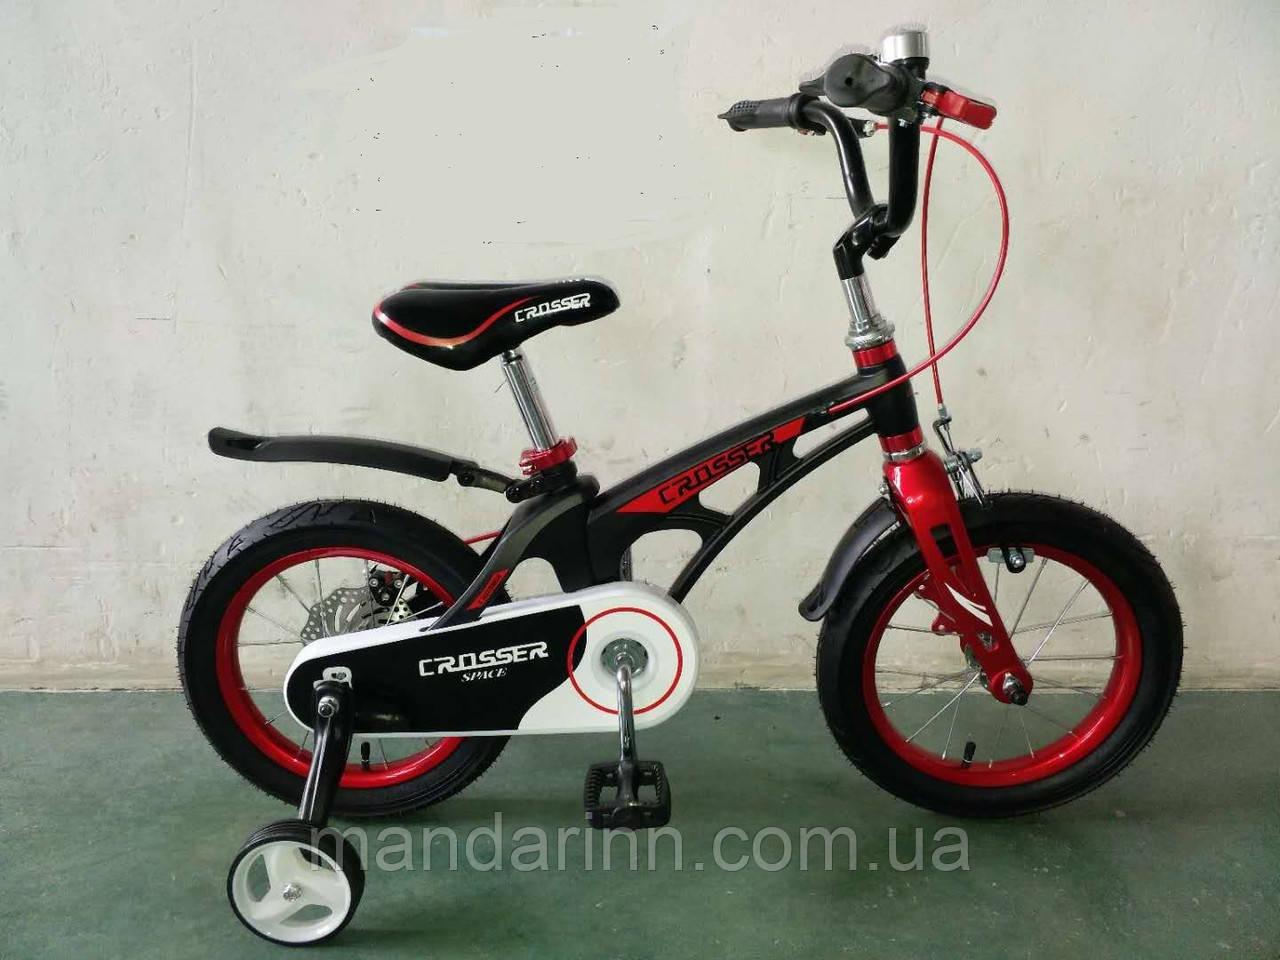 """Детский Велосипед """"Crosser-14"""" Черный. Спейс."""